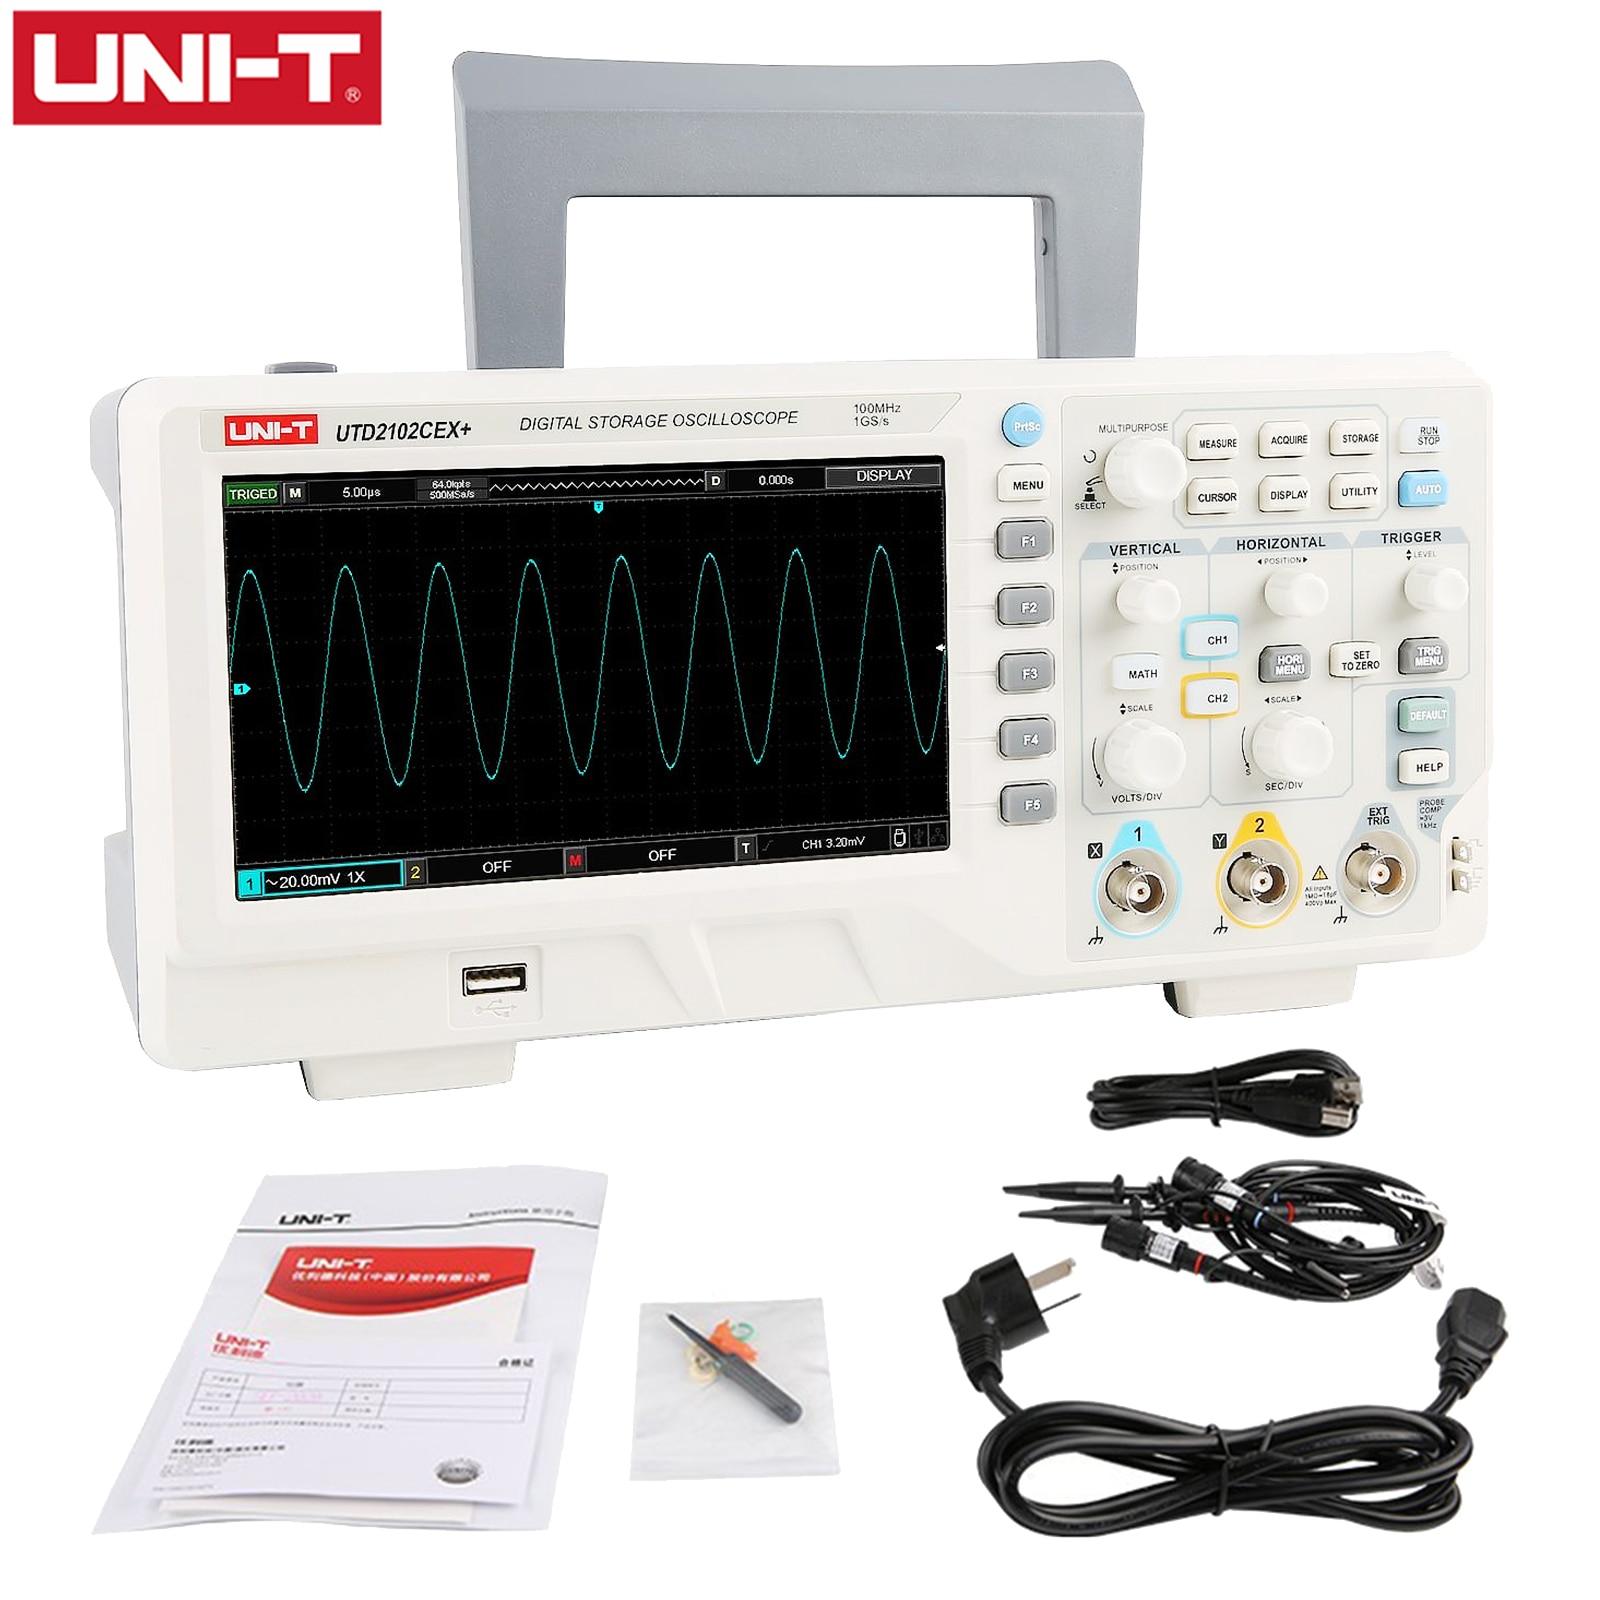 Цифровой осциллограф UNI-T, двухканальный генератор входного сигнала, настольный осциллограф с частотой дискретизации 1 Гвыб/с, WCGA(800*480)UTD2102CEX